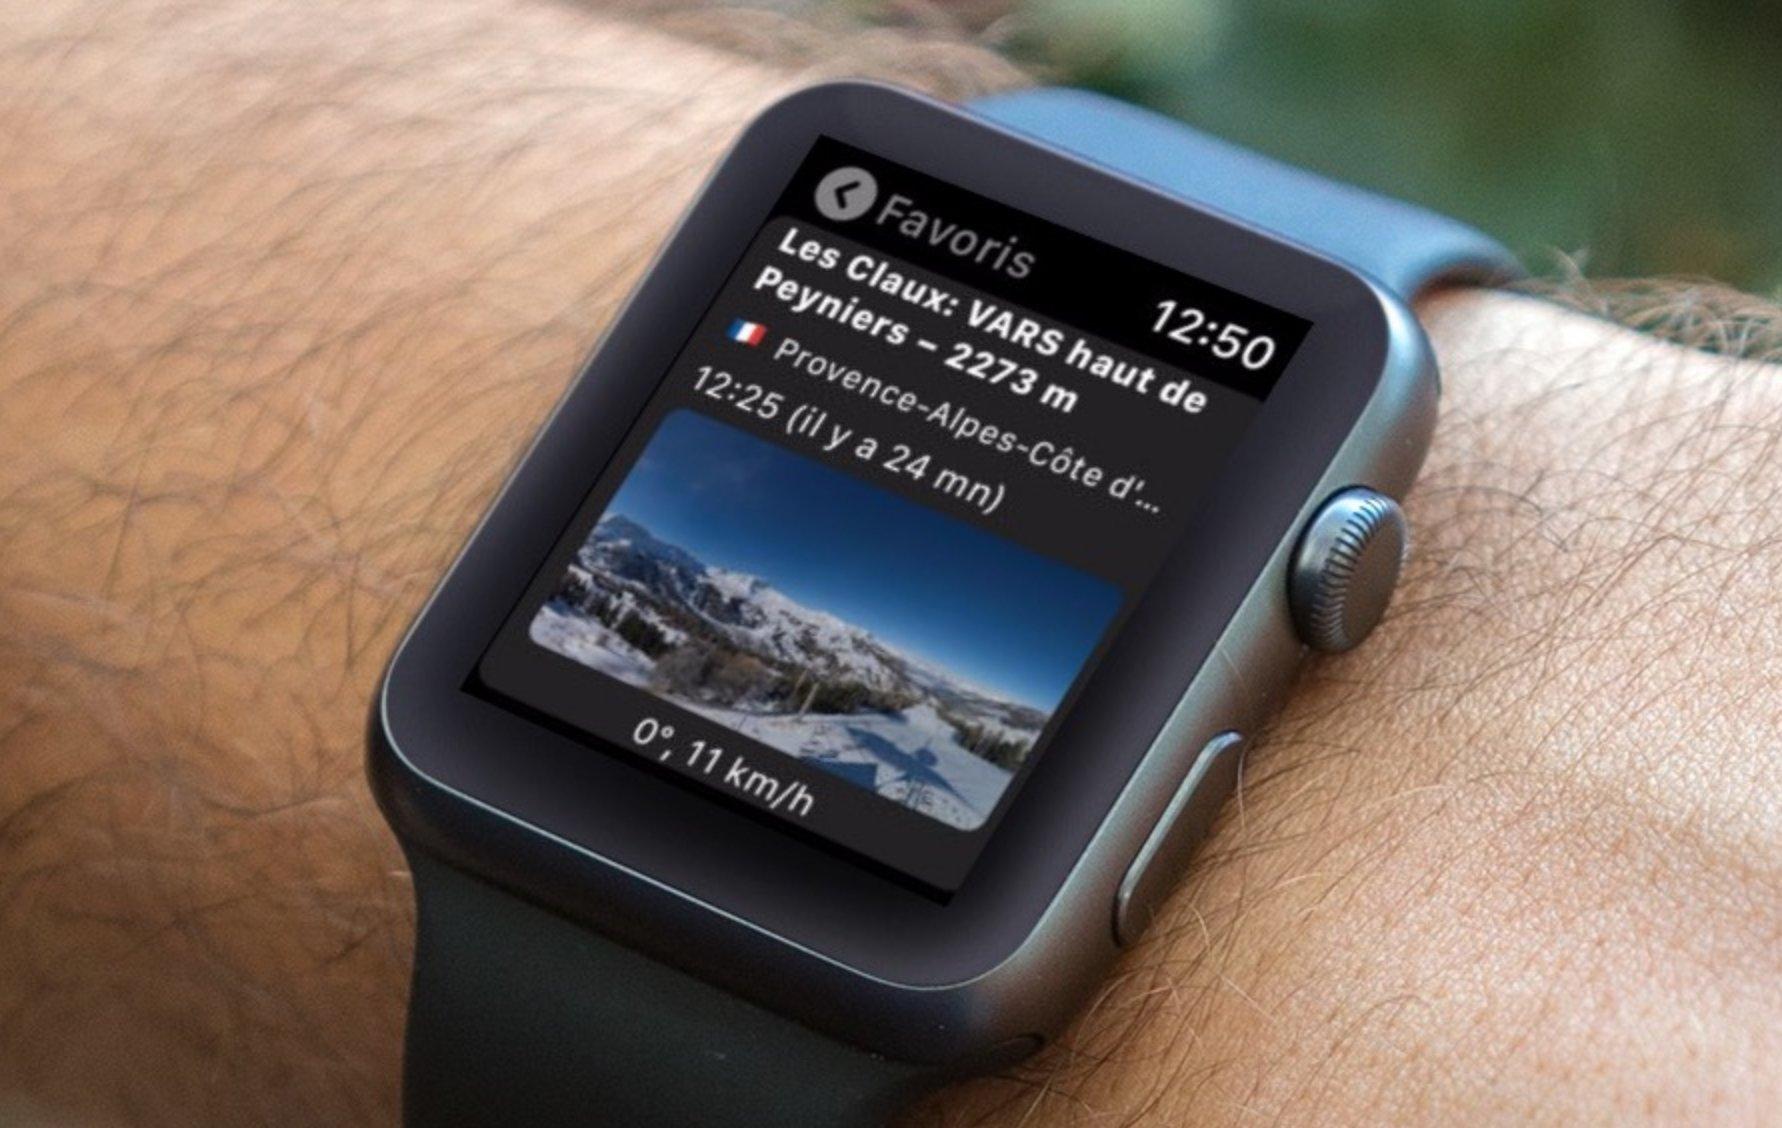 Les webcams du monde entier à portée d'Apple Watch et d'iPhone avec LandWebCams (10 licences à gagner !) 1